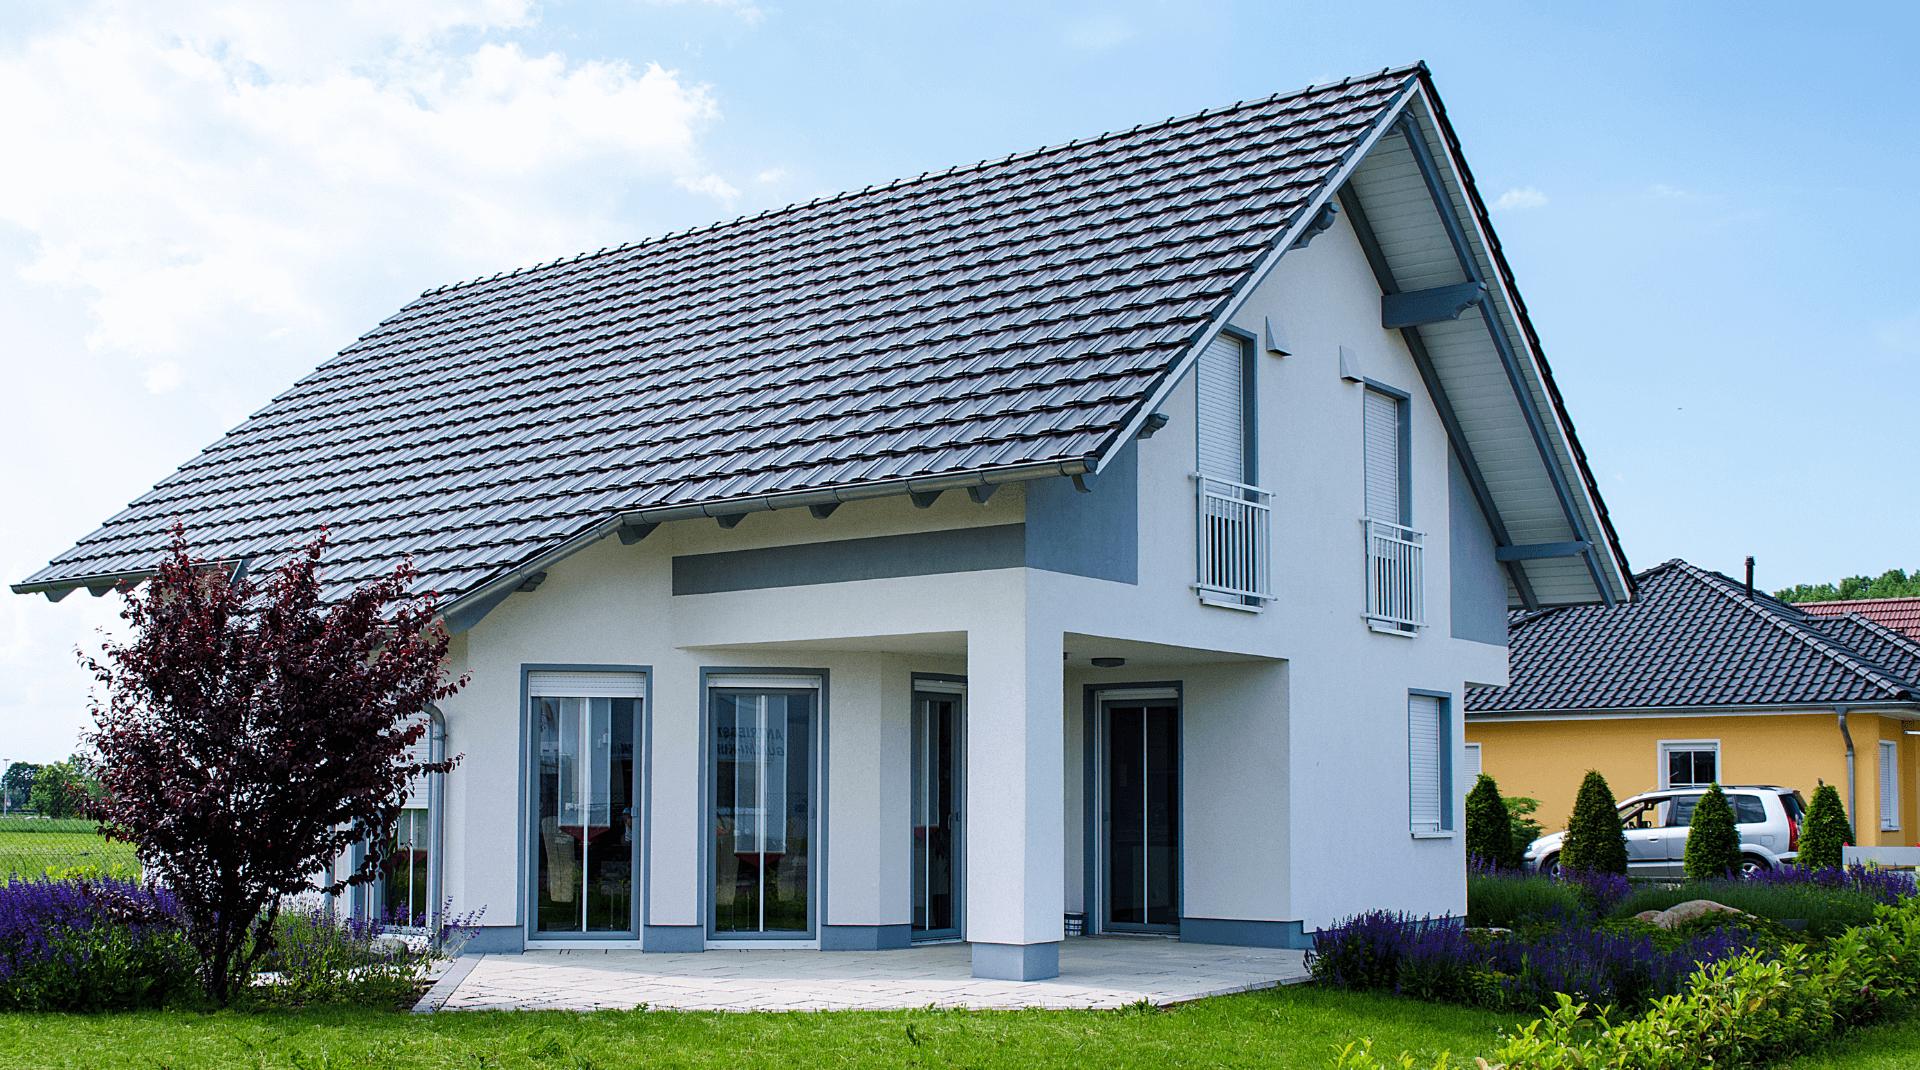 Weißes Einfamilienhaus mit großem Dachüberstand